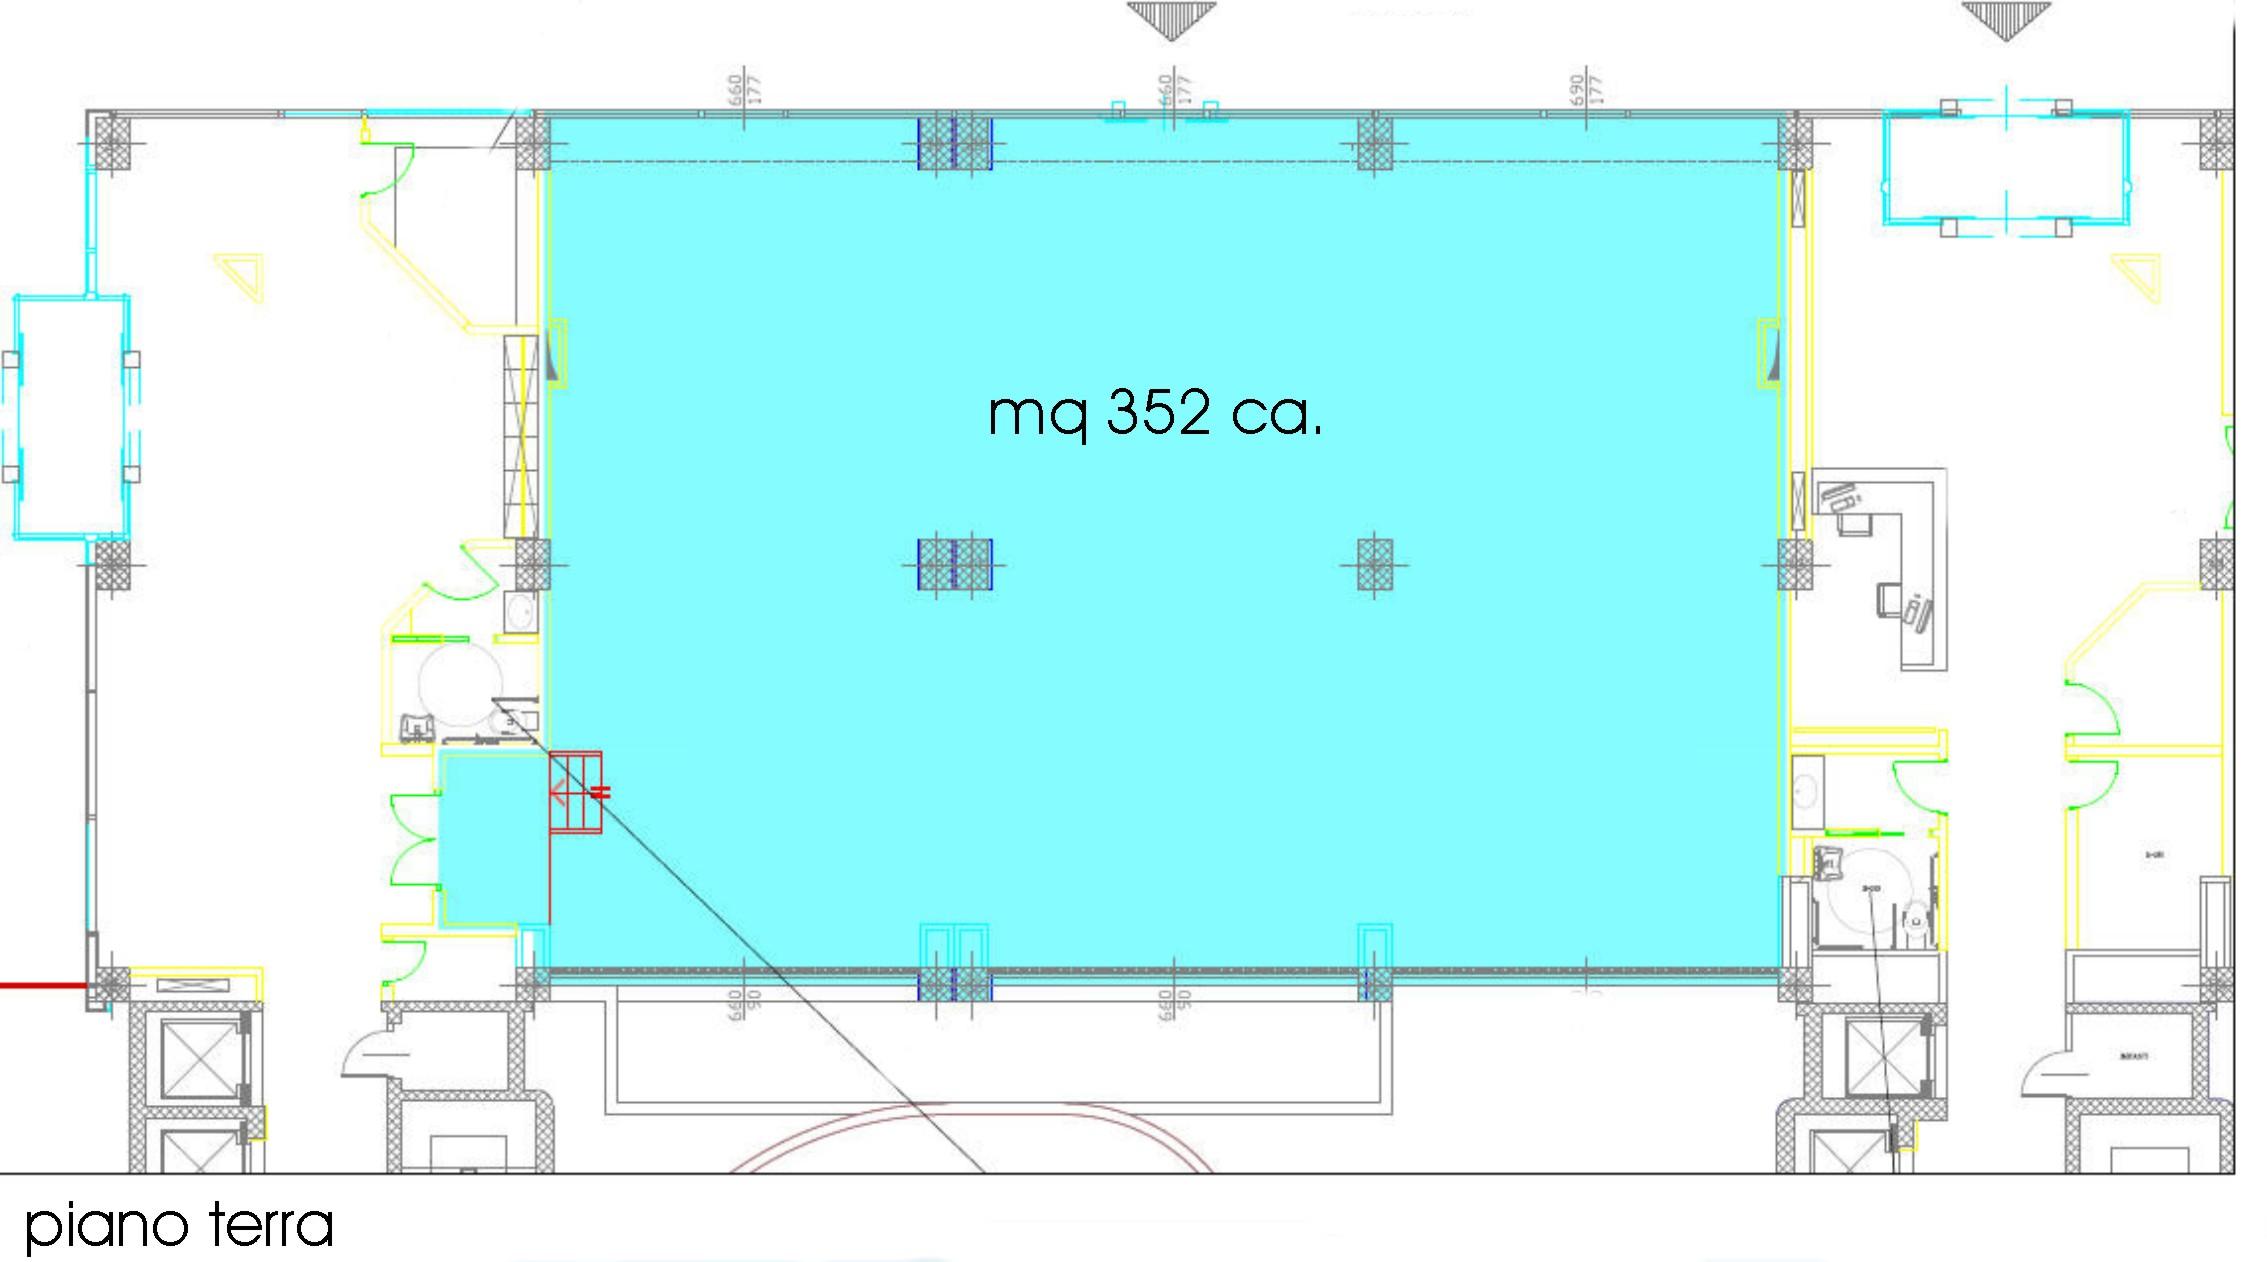 Ufficio Affitto ASSAGO Mq 352 euro 58080